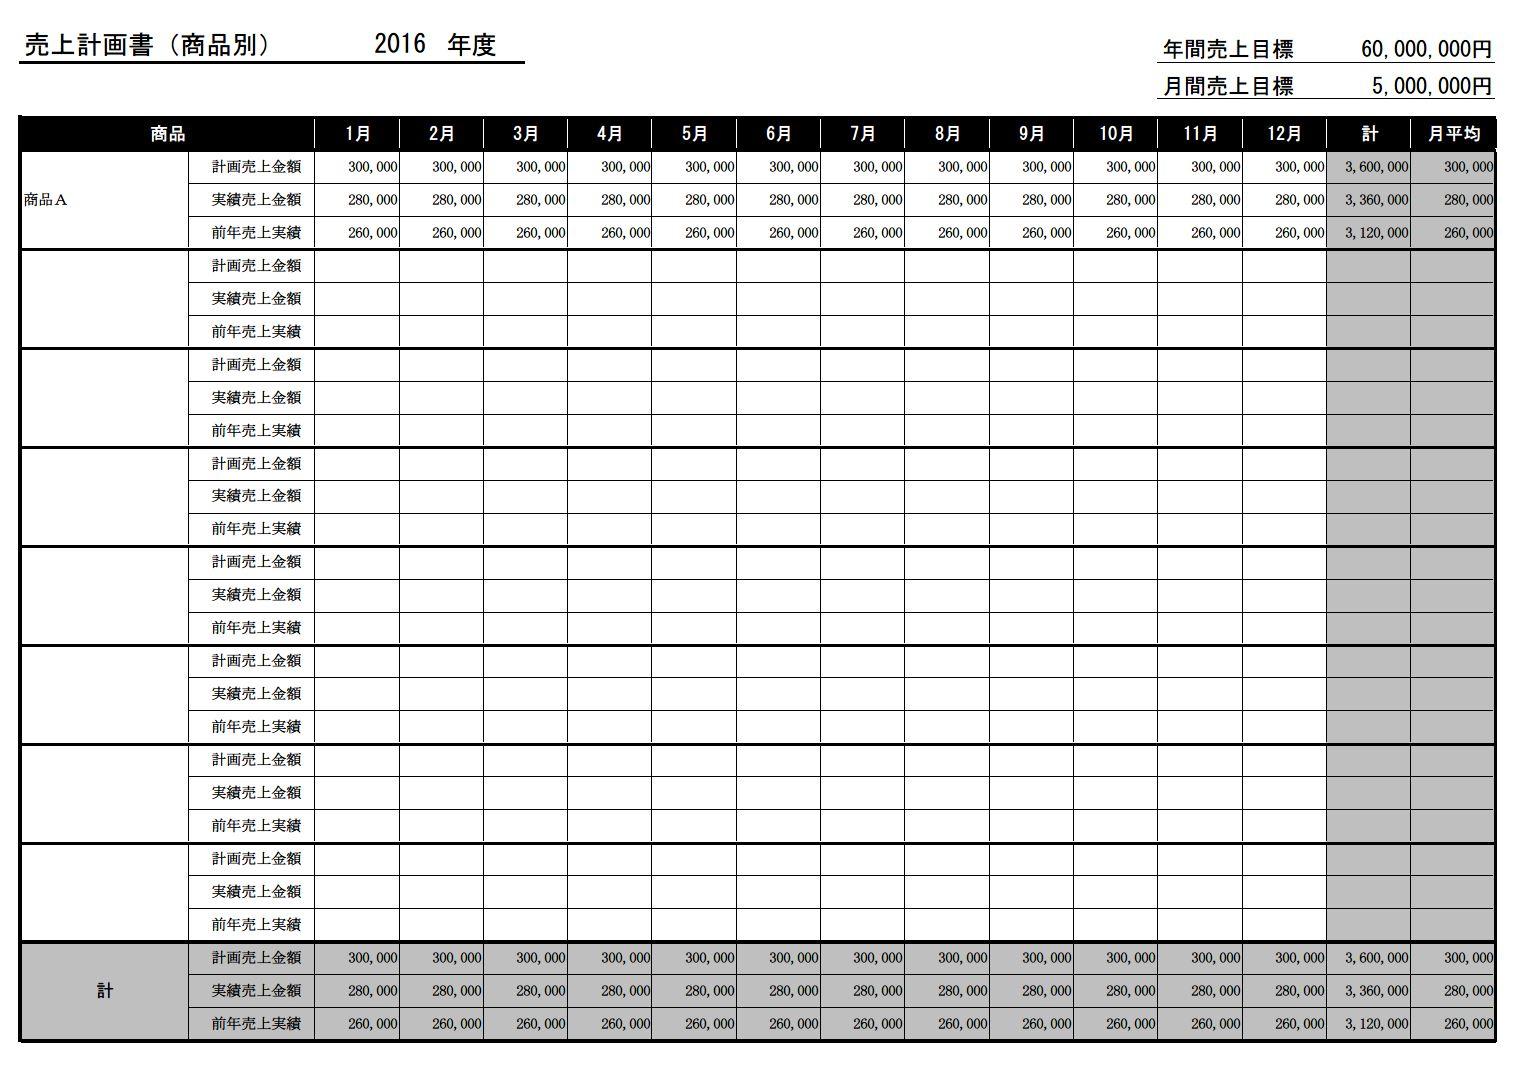 売上計画書(売上計画表・売上予定表・売上予測表・売上見込み表・売上予算書・売上目標)の作り方・書き方 書式・様式・フォーマット ひな形(雛形) (商品別・年